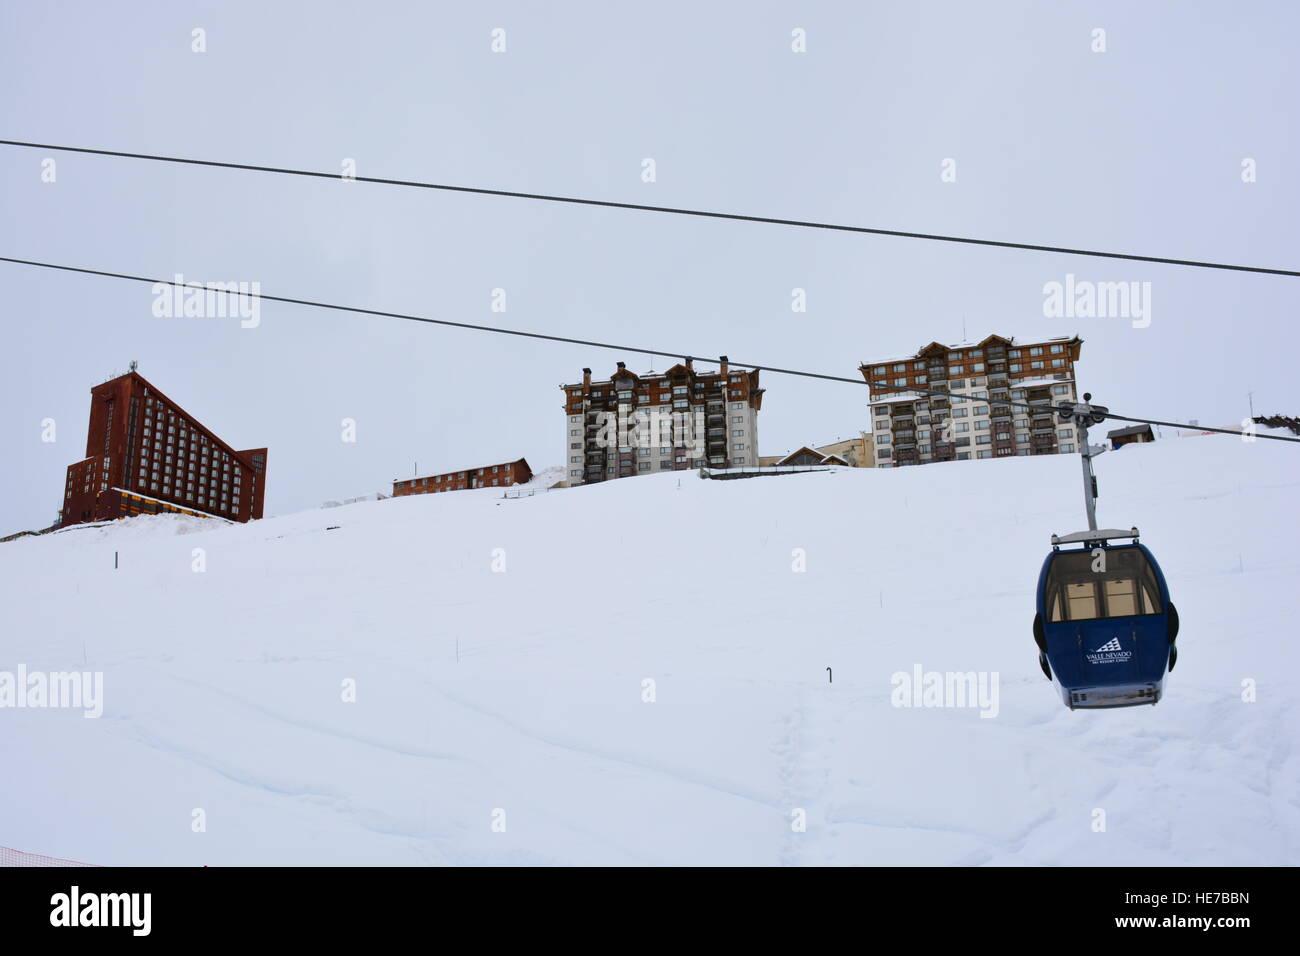 Valle Nevado ski resort in Santiago Chile - Stock Image